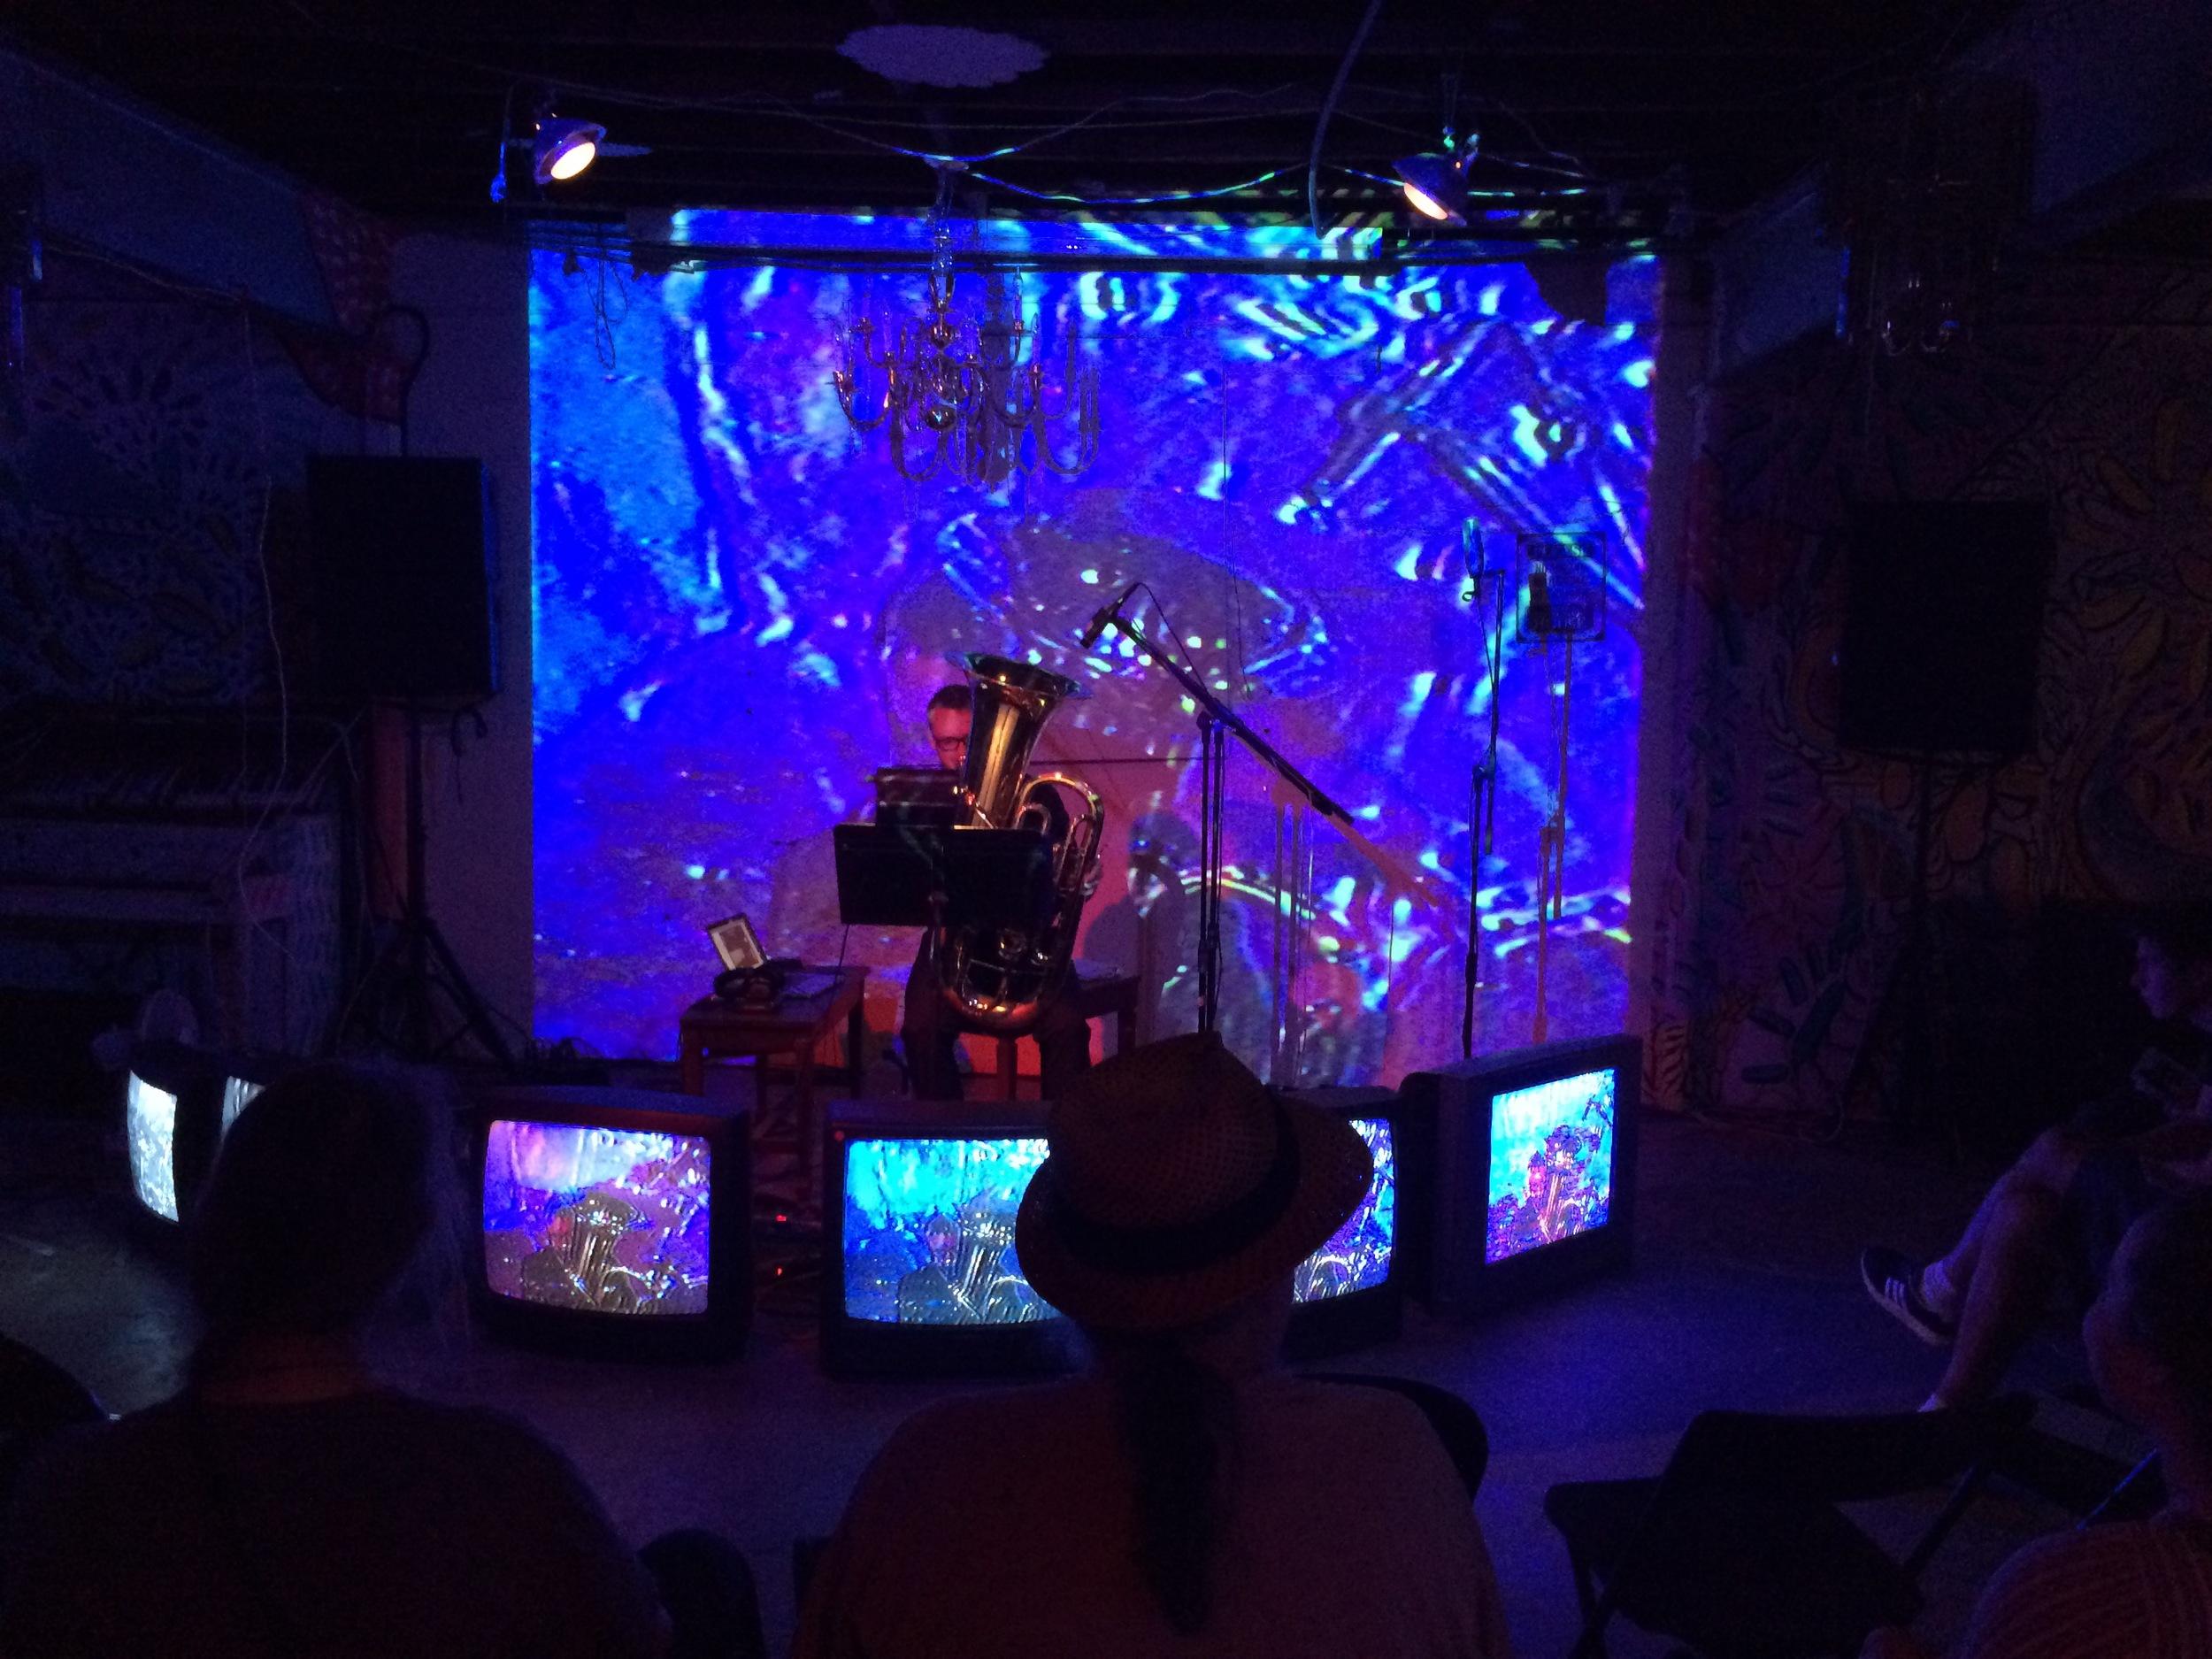 Hyperbolic Chamber Music 4: Brett Copeland, September 2015.